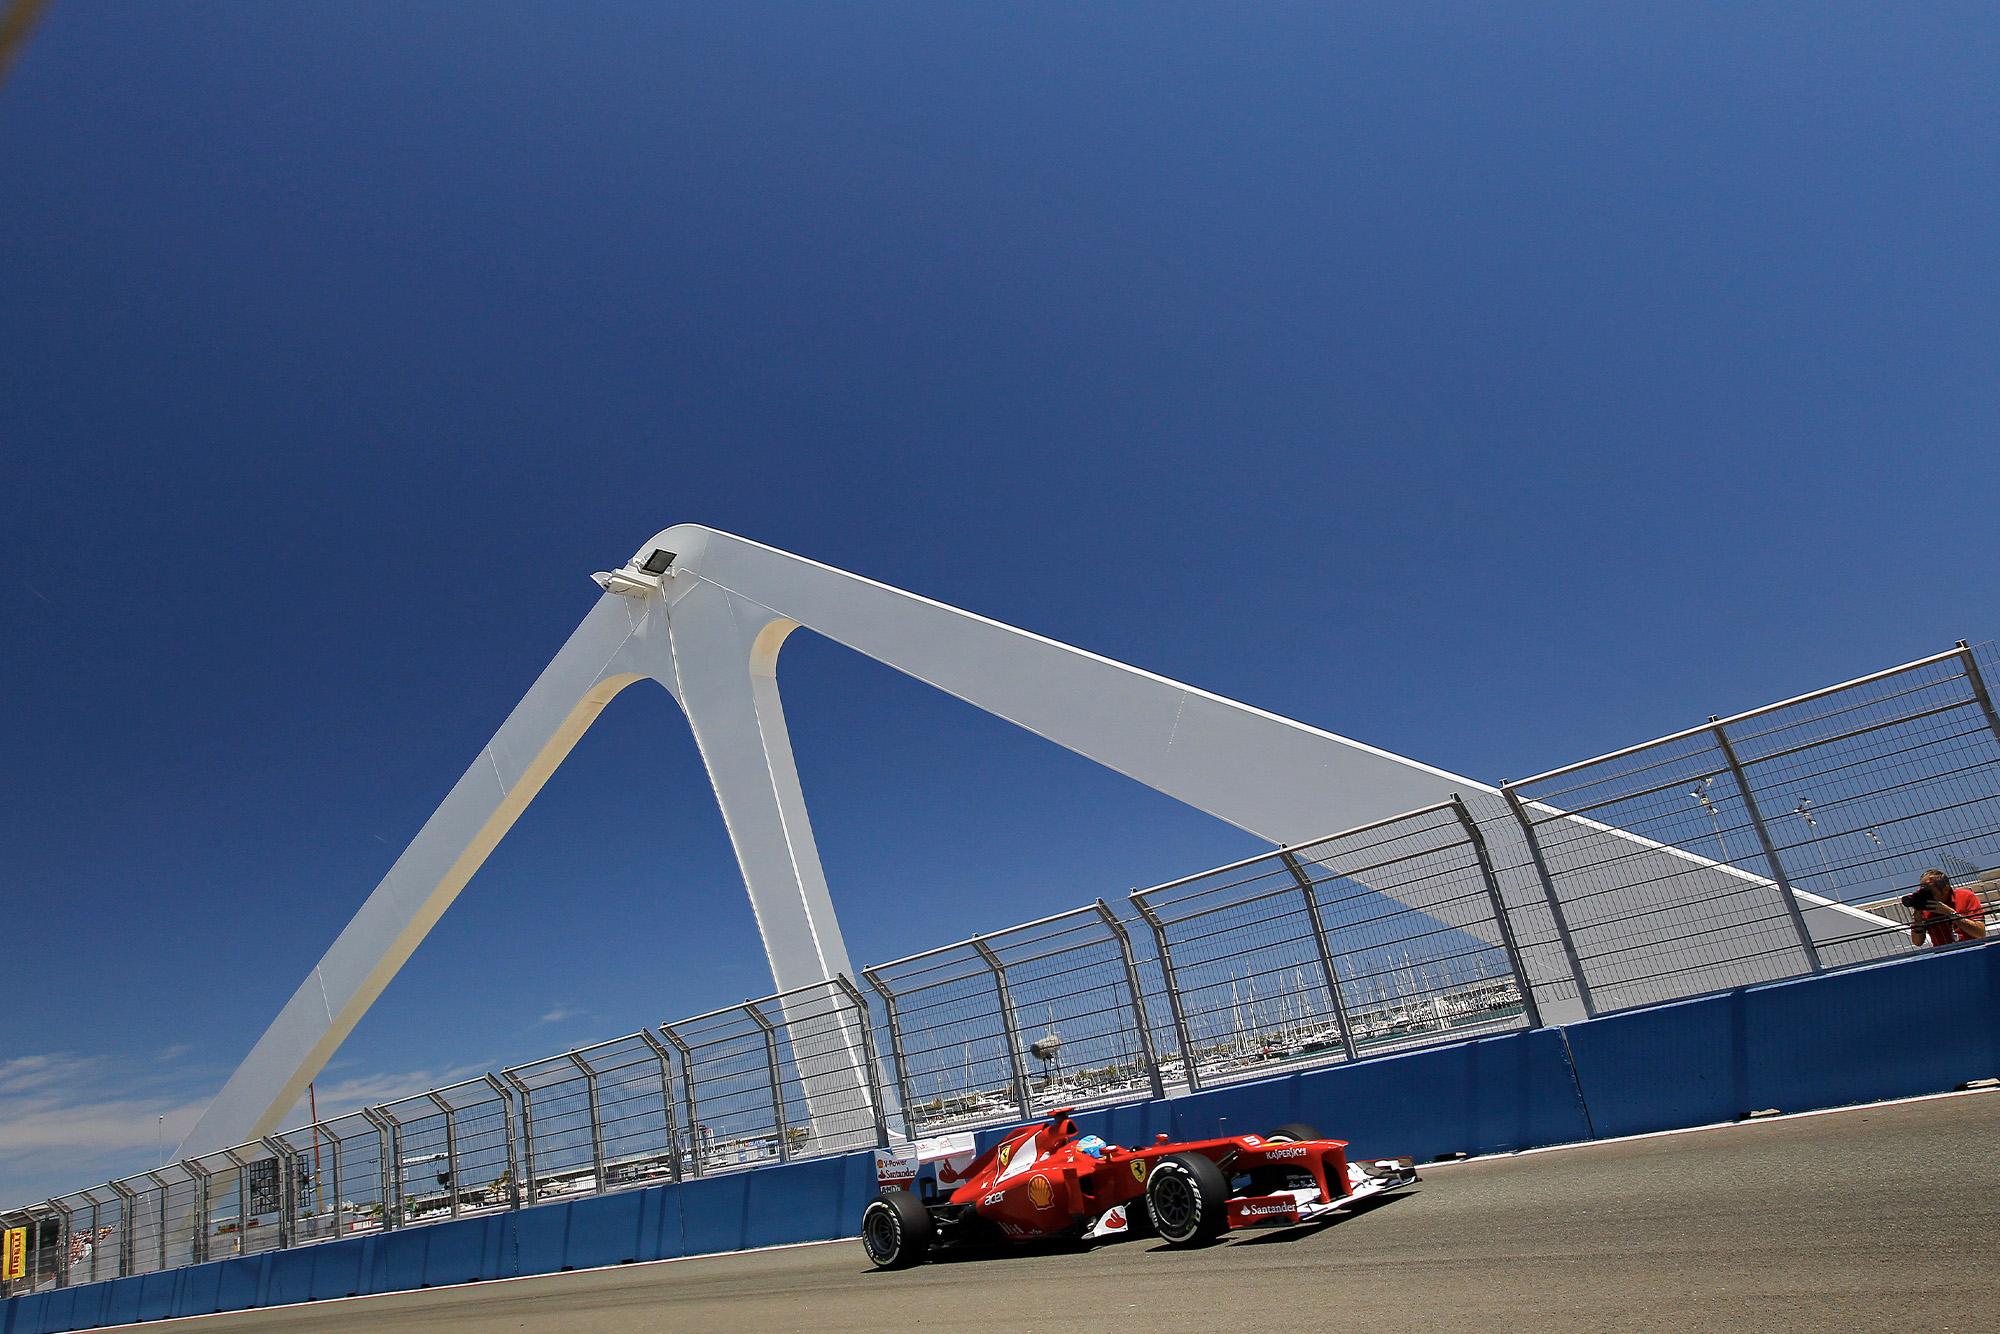 FErnando Alonso in Valencia for the 2012 European Grand Prix